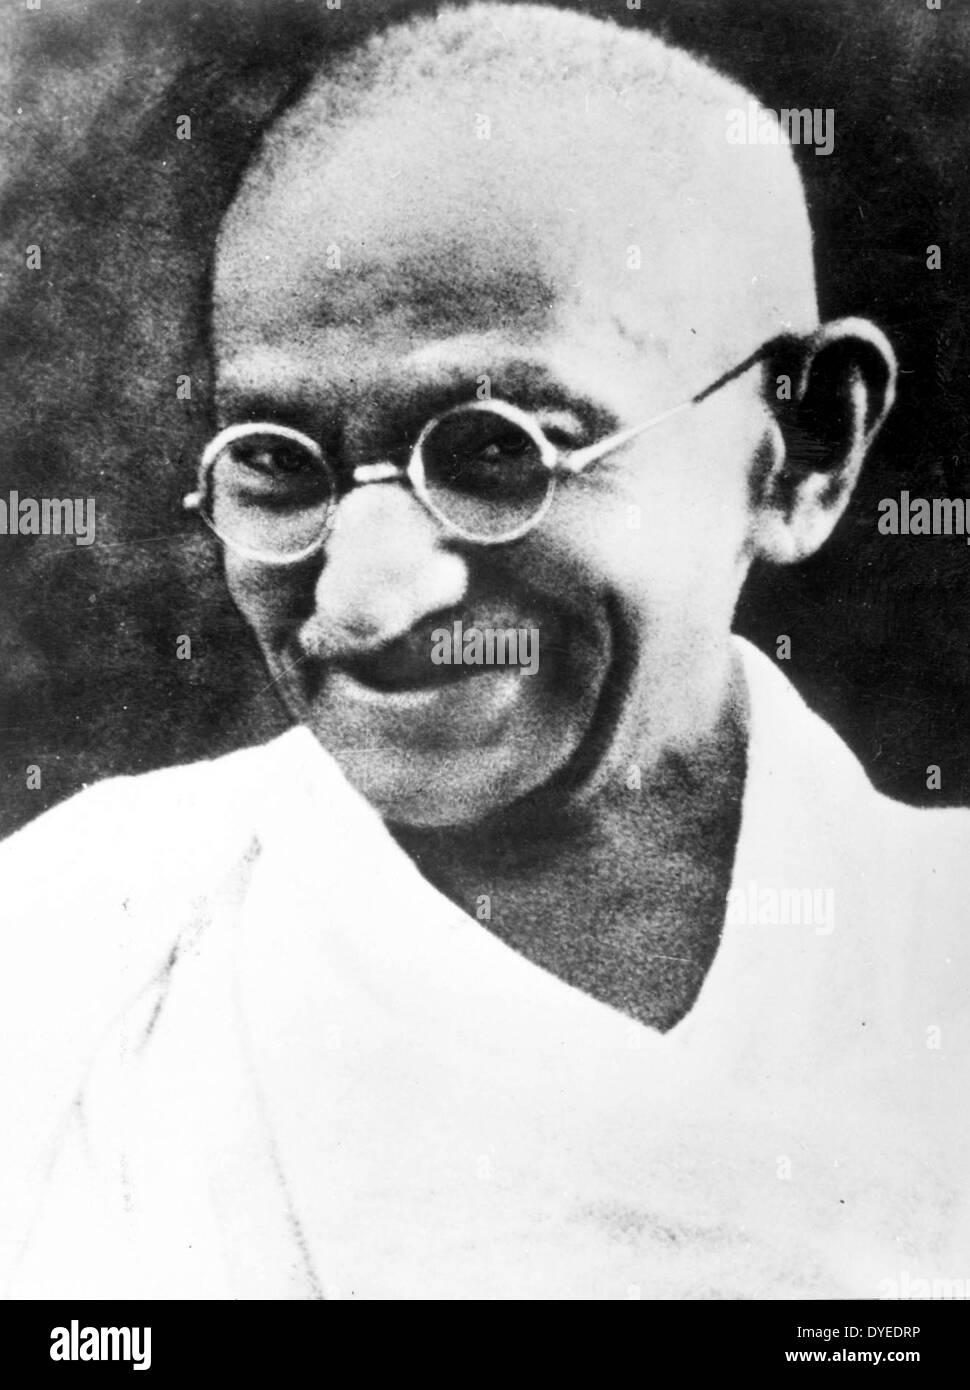 Fotografia del Mahatma Gandhi 1940 A.D. Immagini Stock